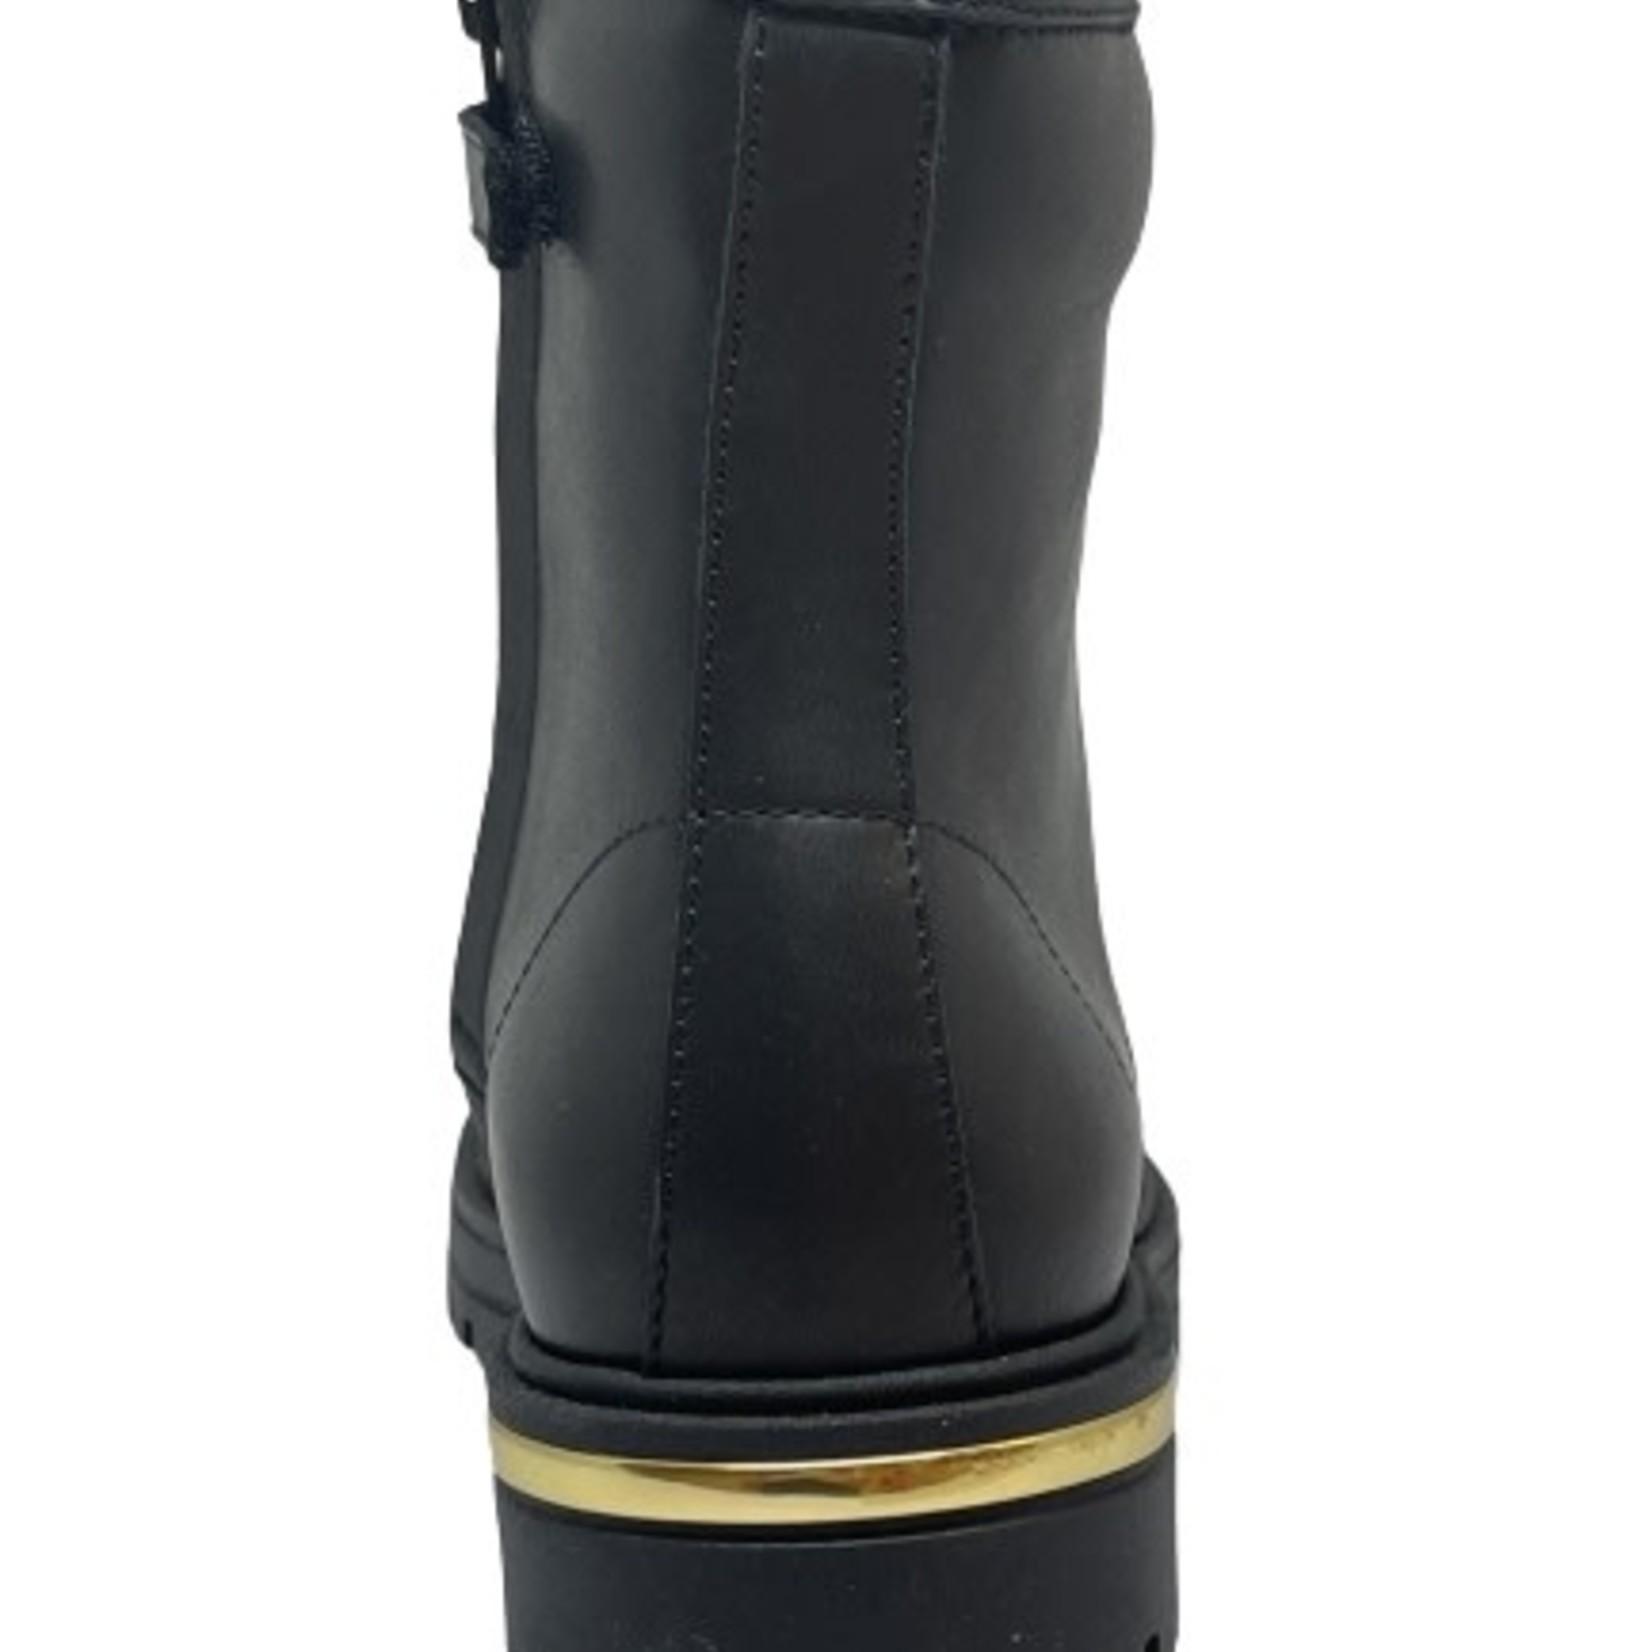 Lunella Lunella Hoge schoen Zwart/goud